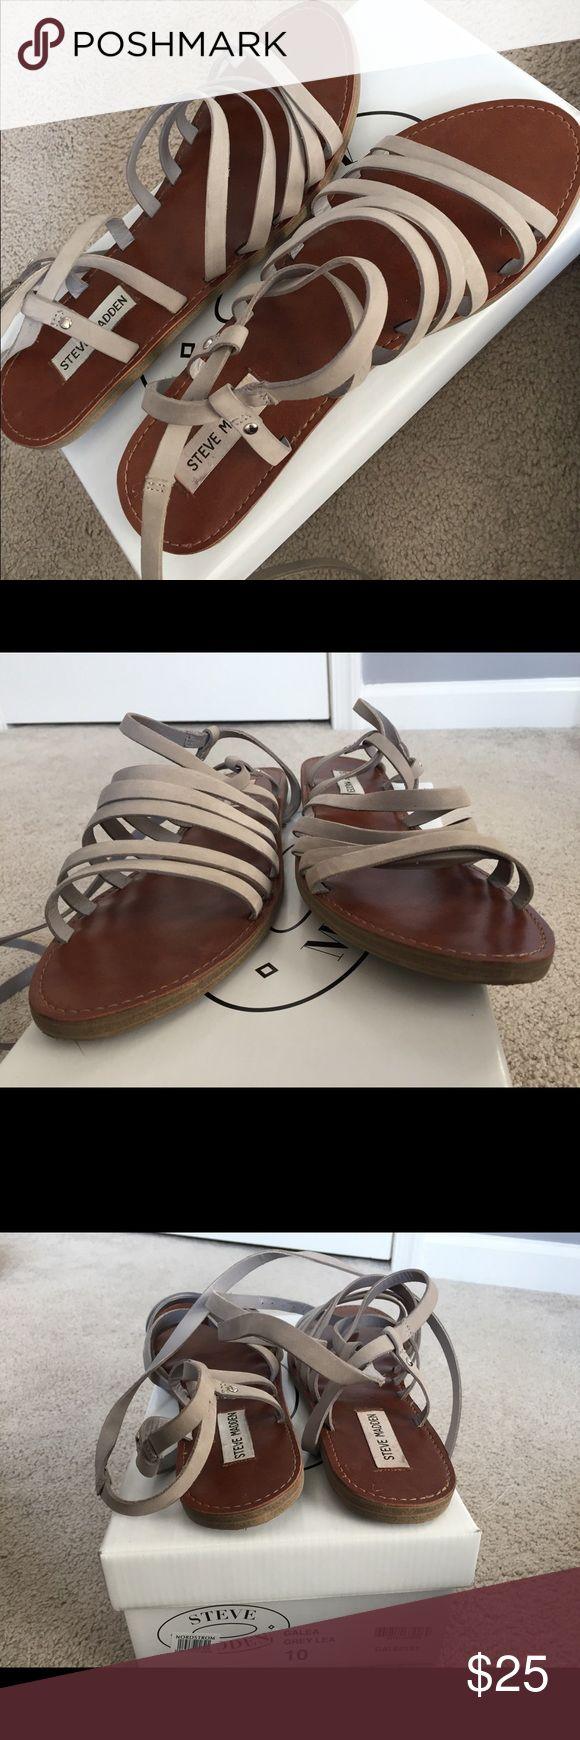 Grey Steve Madden gladiator sandals Grey Steve Madden sandals worn once, little to no flaw Steve Madden Shoes Sandals